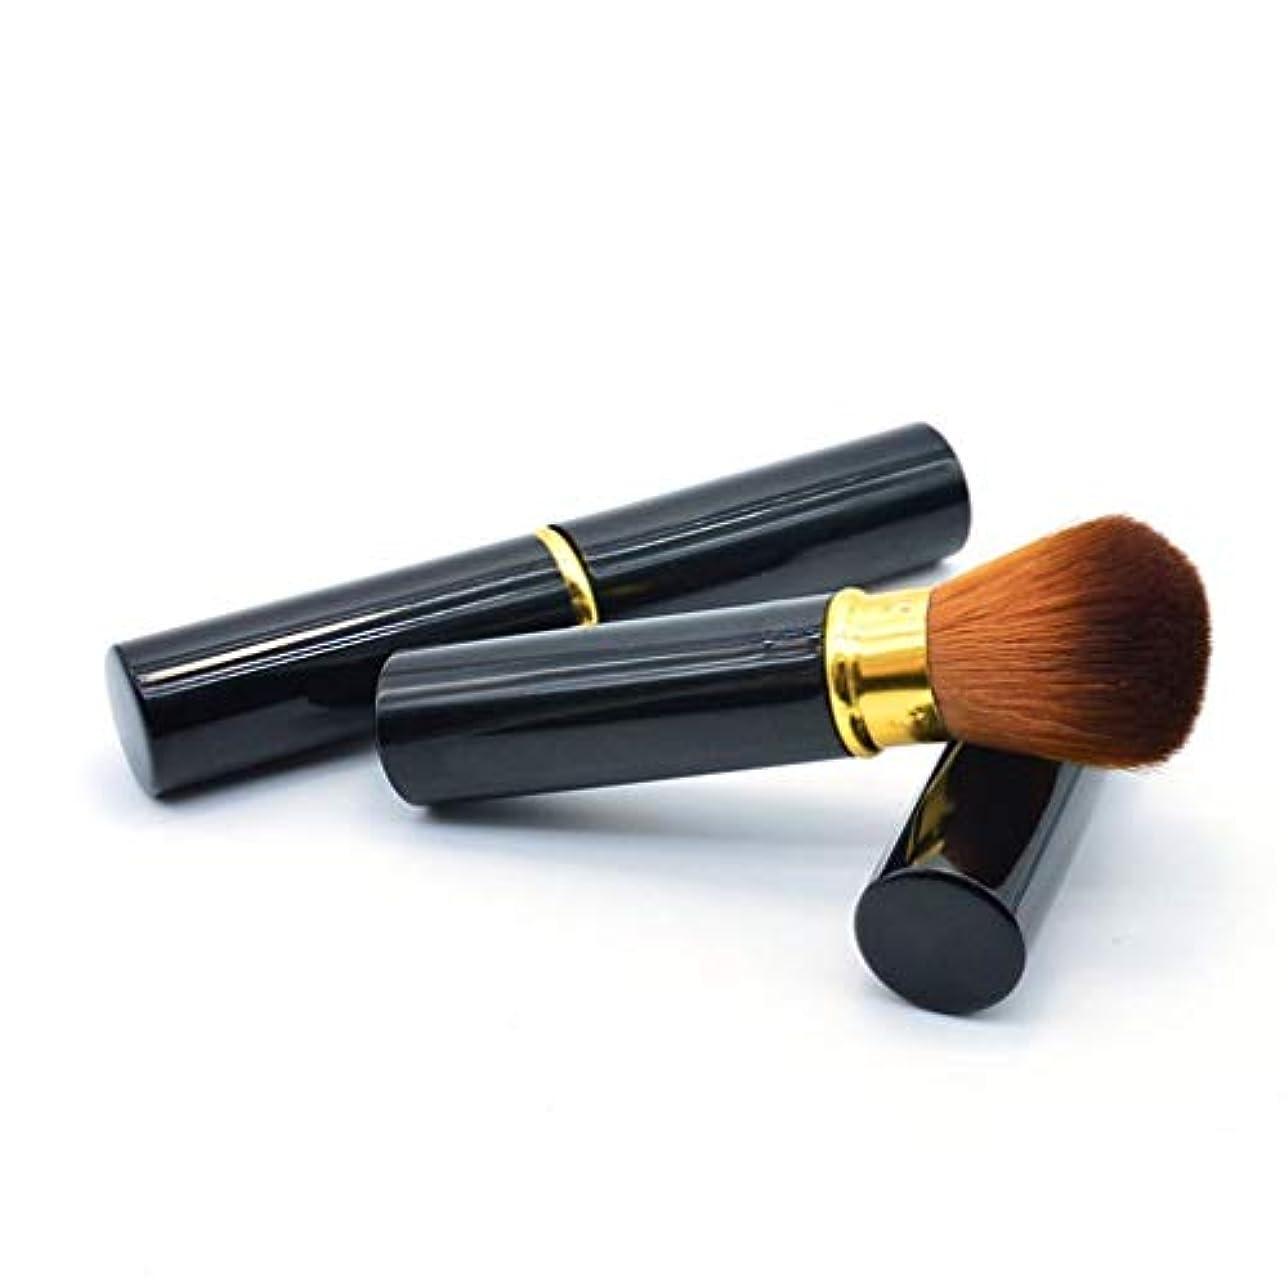 古いに付けるホットメイクアップブラシファンデーションメイクアップリキッド、クリーム、または完璧なパウダー化粧品 - バフ、点描、コンシーラー - 上質な合成稠密剛毛